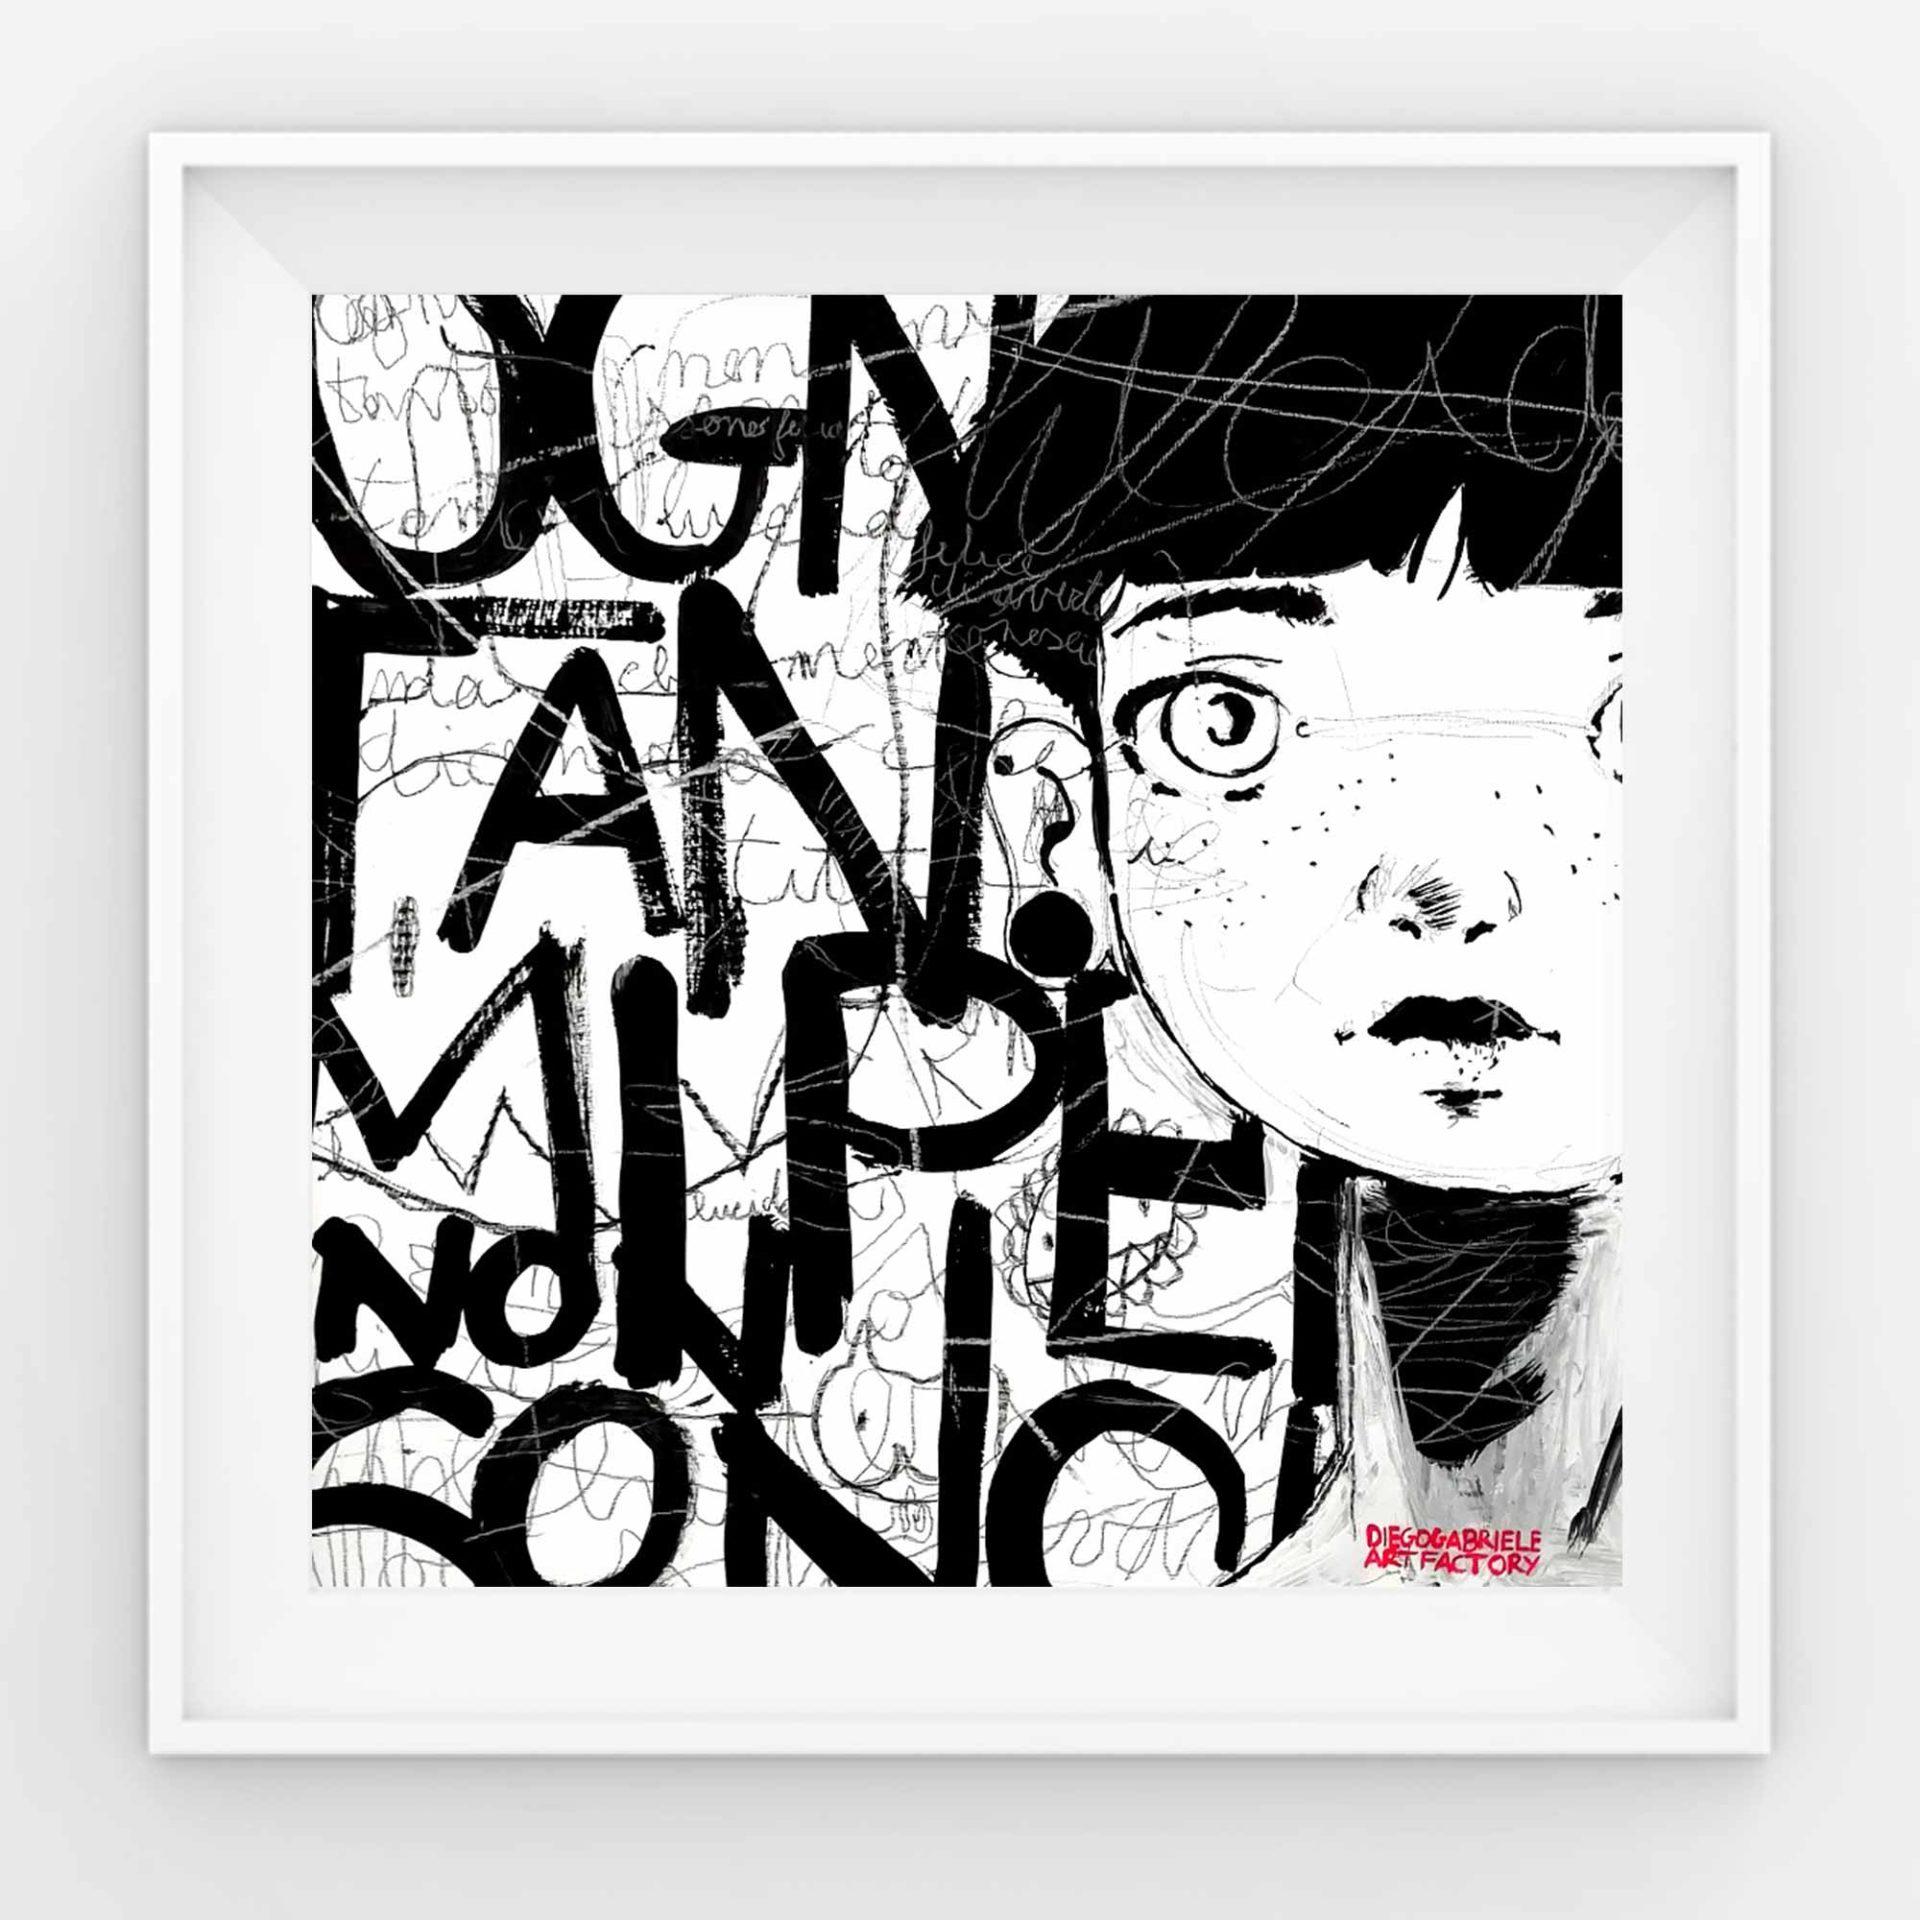 Indie Rock dalla quarantena quadro ad acrilico di Diego Gabriele